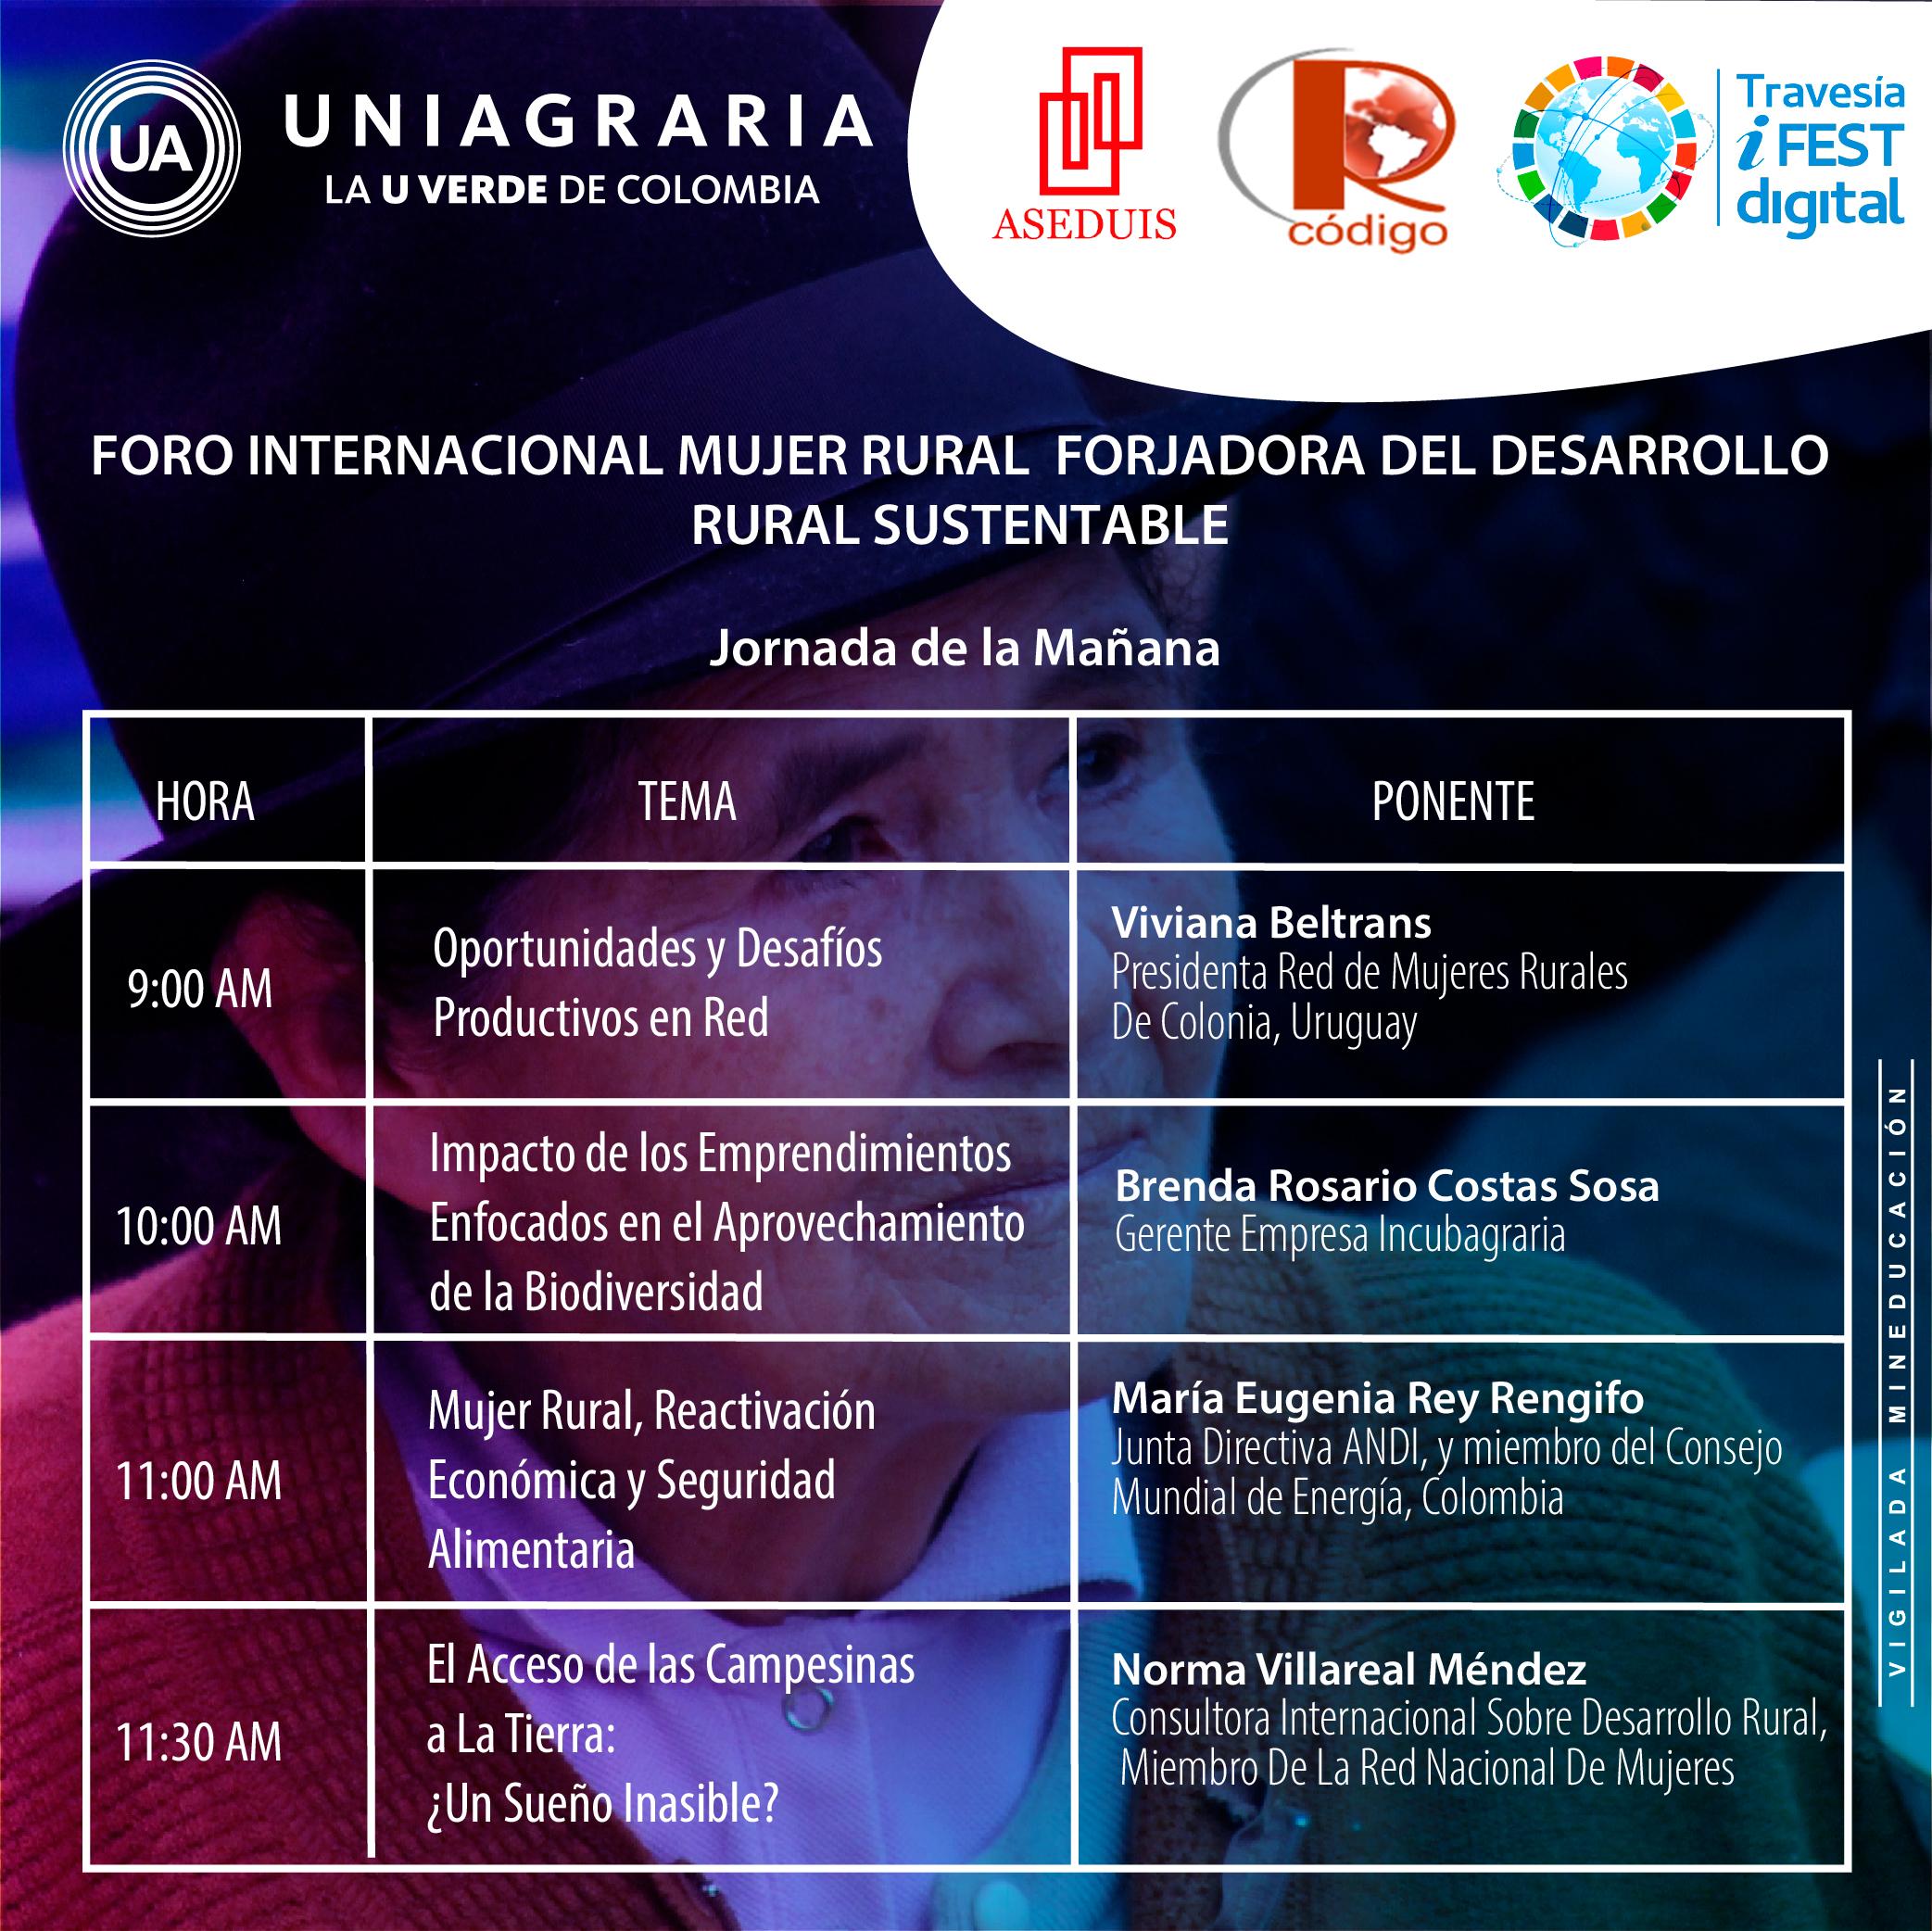 Foro Internacional mujer rural: Forjadora del desarrollo rural sustentable